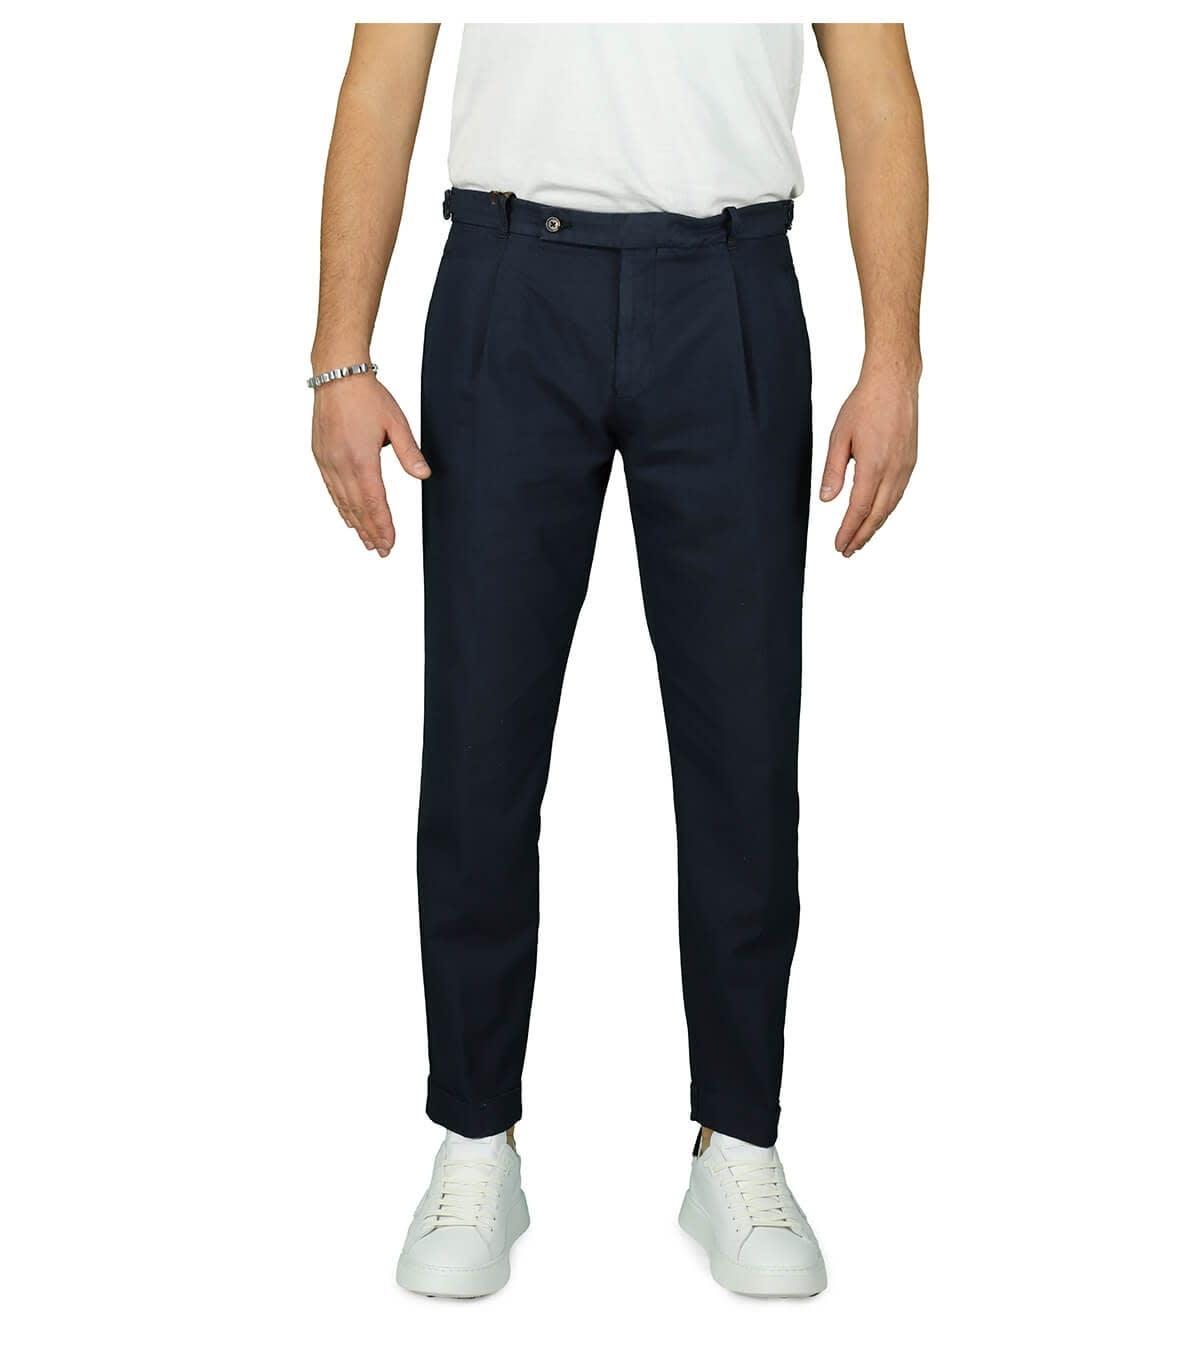 Retro Dark Blue Chino Trousers